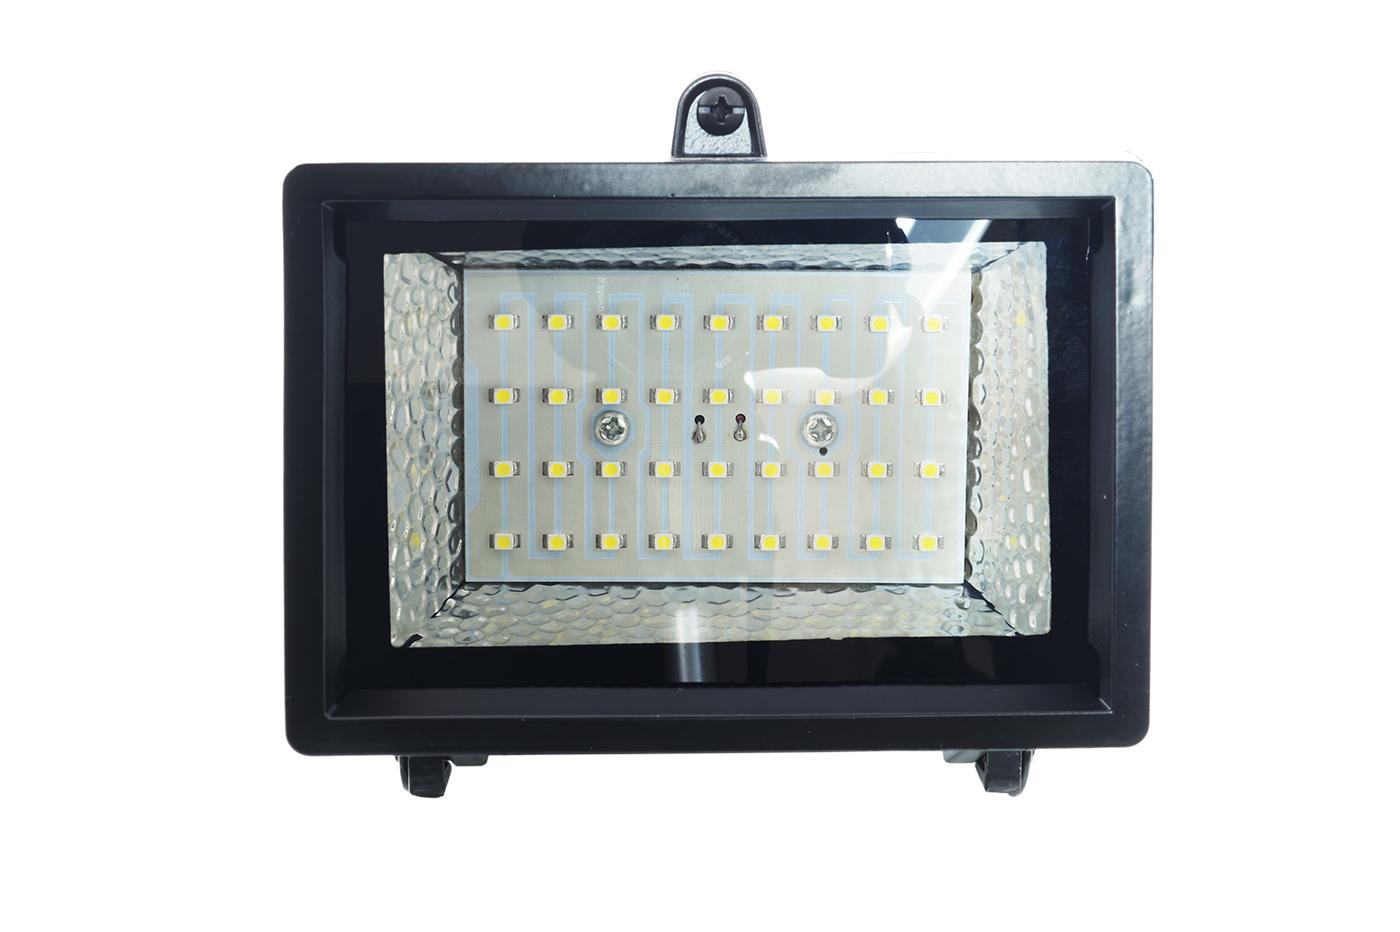 Plafoniere Per Esterno Con Crepuscolare : Bes 19151 illuminazione ad energia solare beselettronica kit